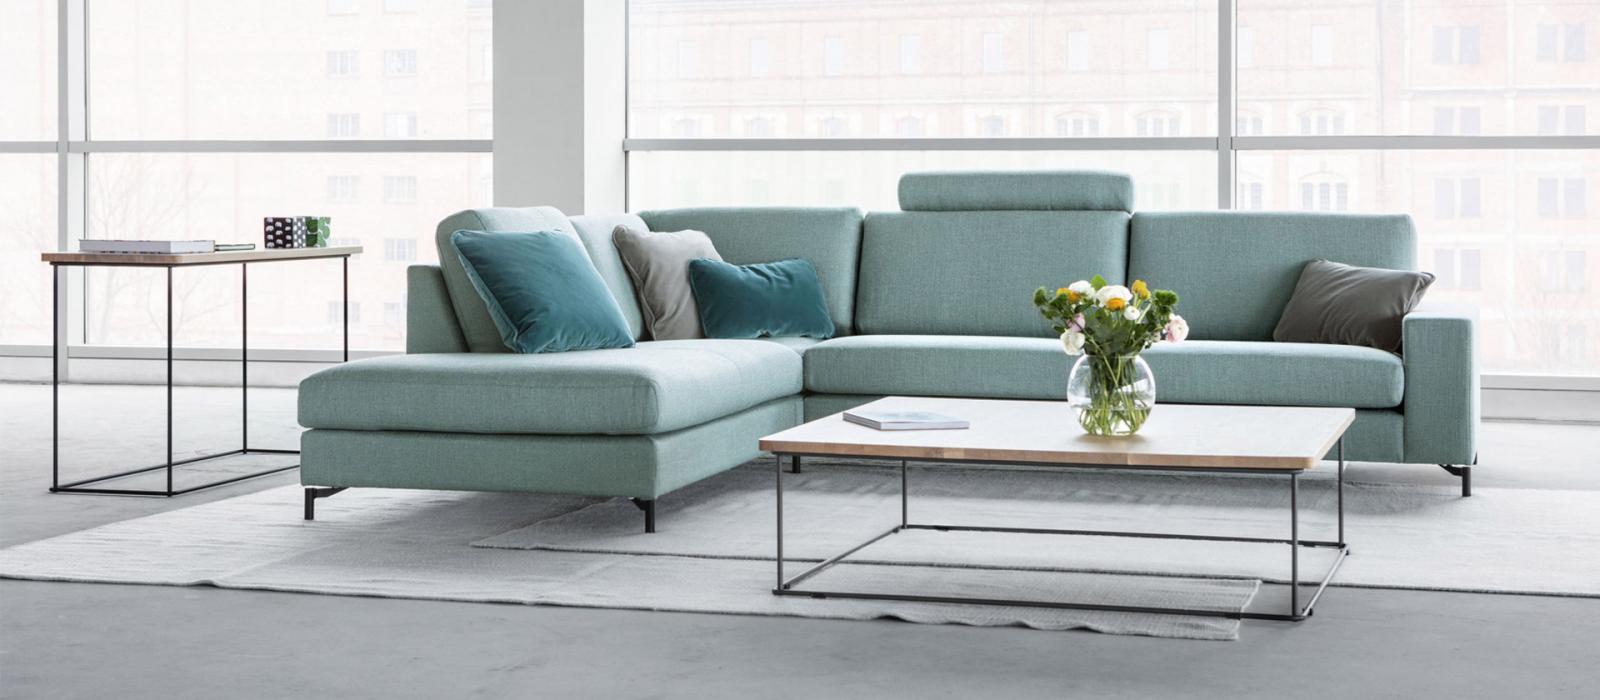 Salon Quattro de SITS canapé, salon d'angle et fauteuil , la modularité  et le design en cuir ou en tissu.